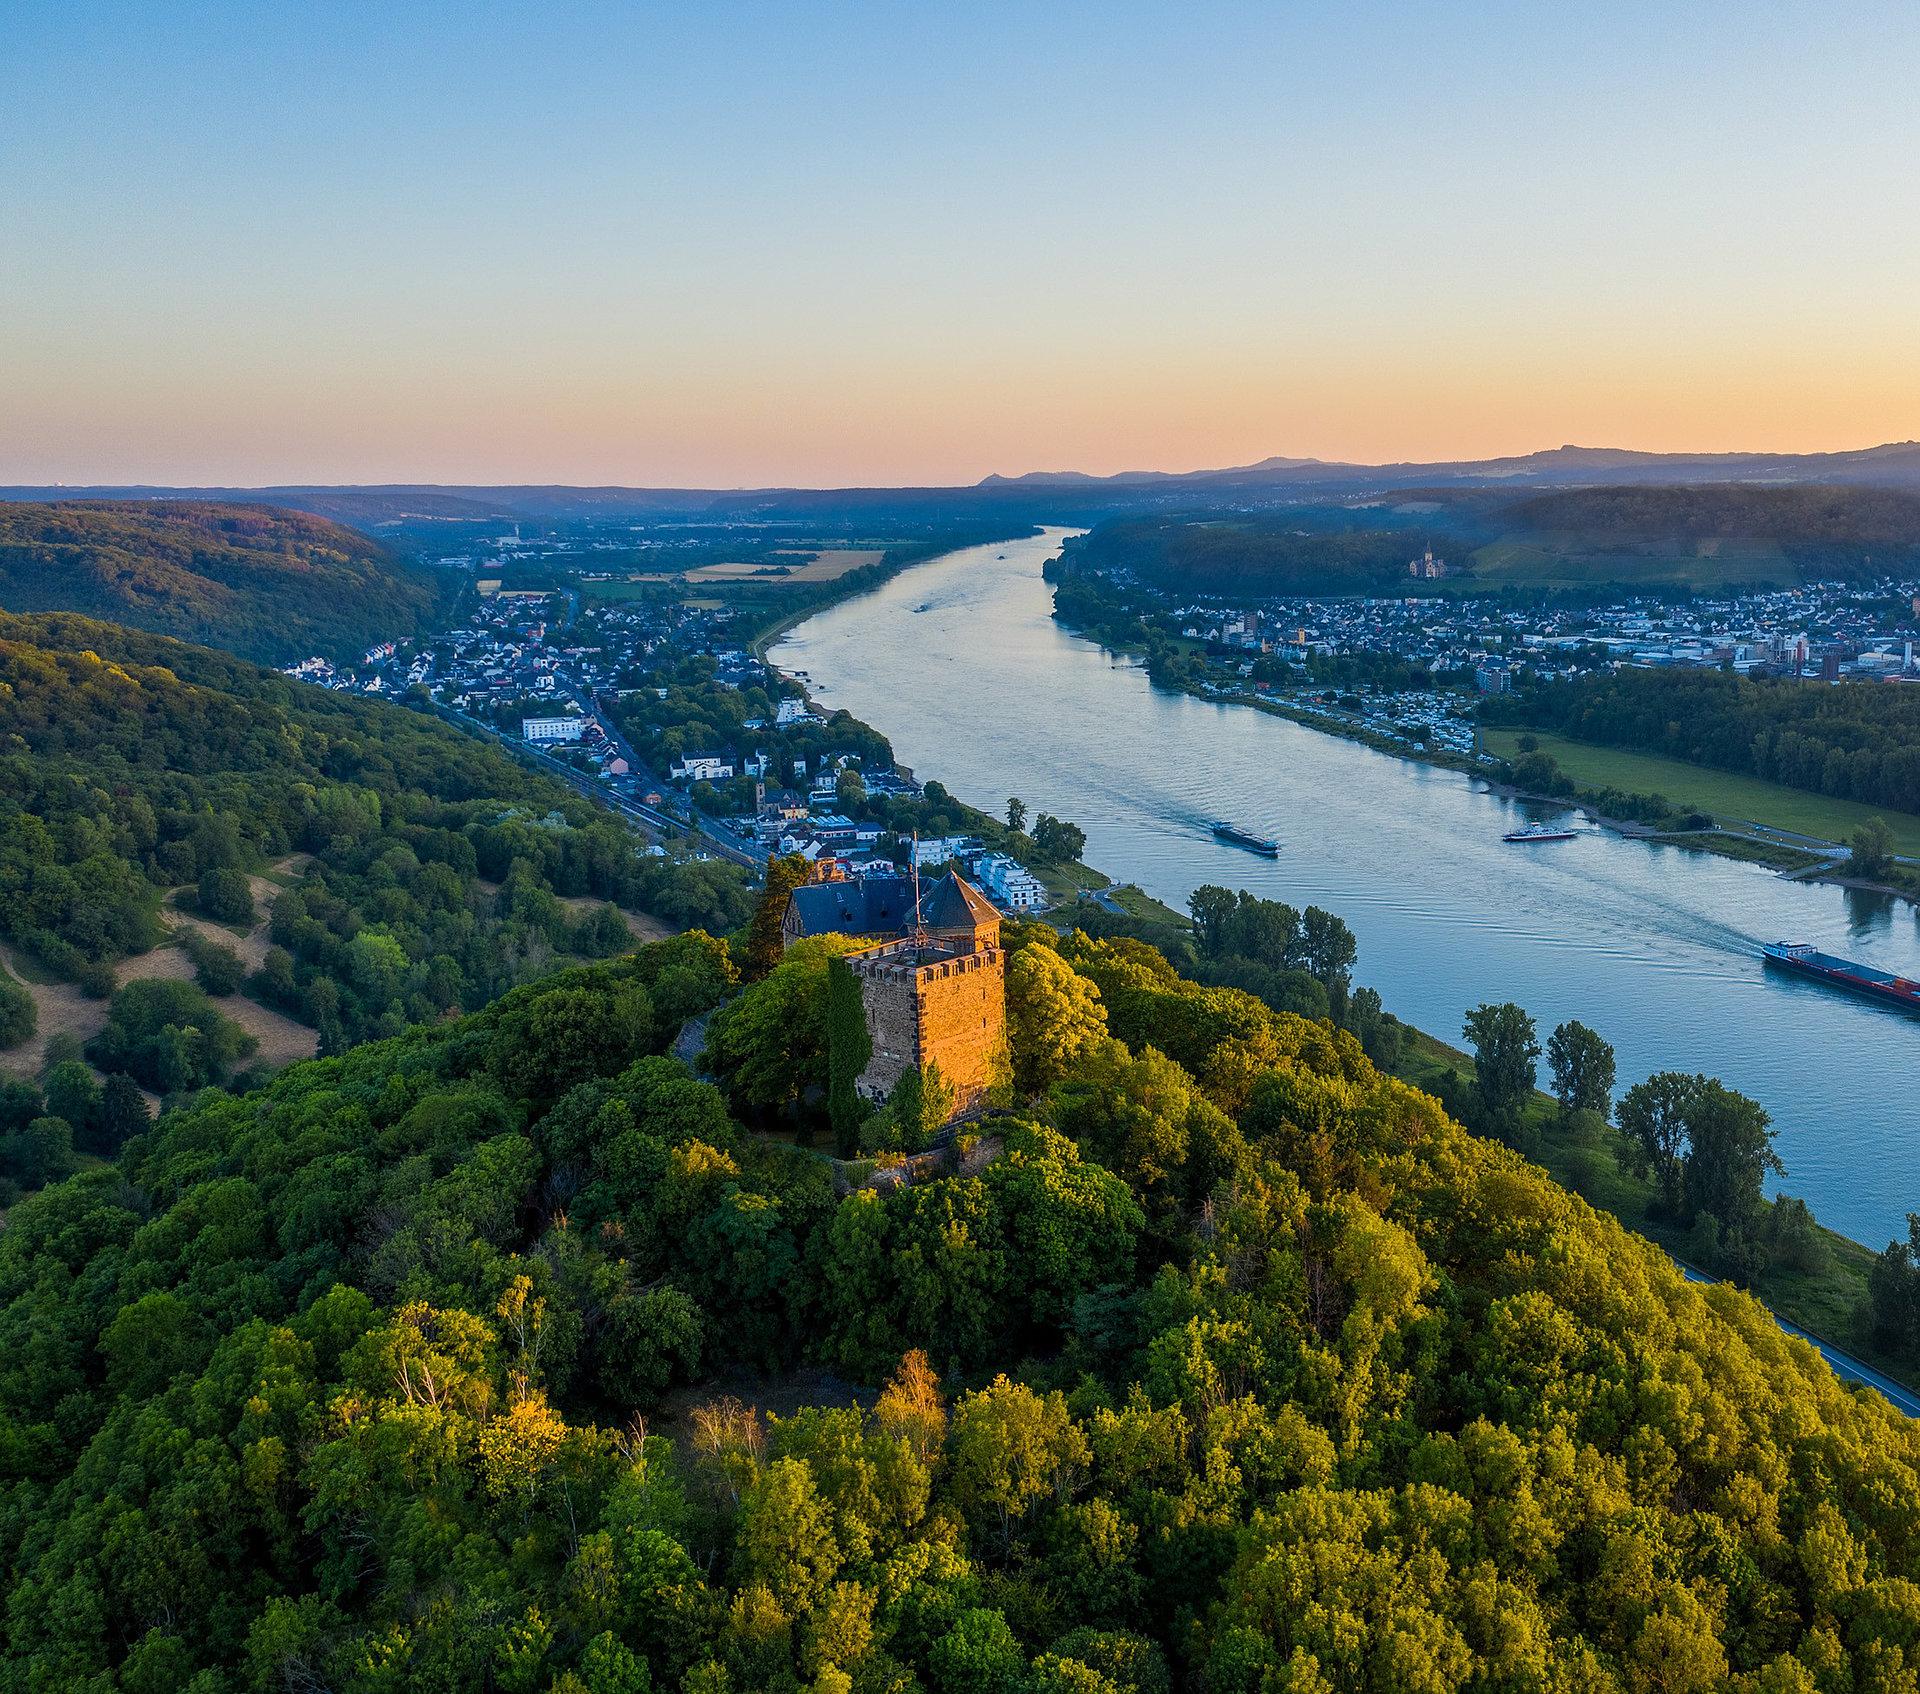 Avondzon over de Rijn en het kasteel Rheineck bij Bad Breisig, Romantische Rijn